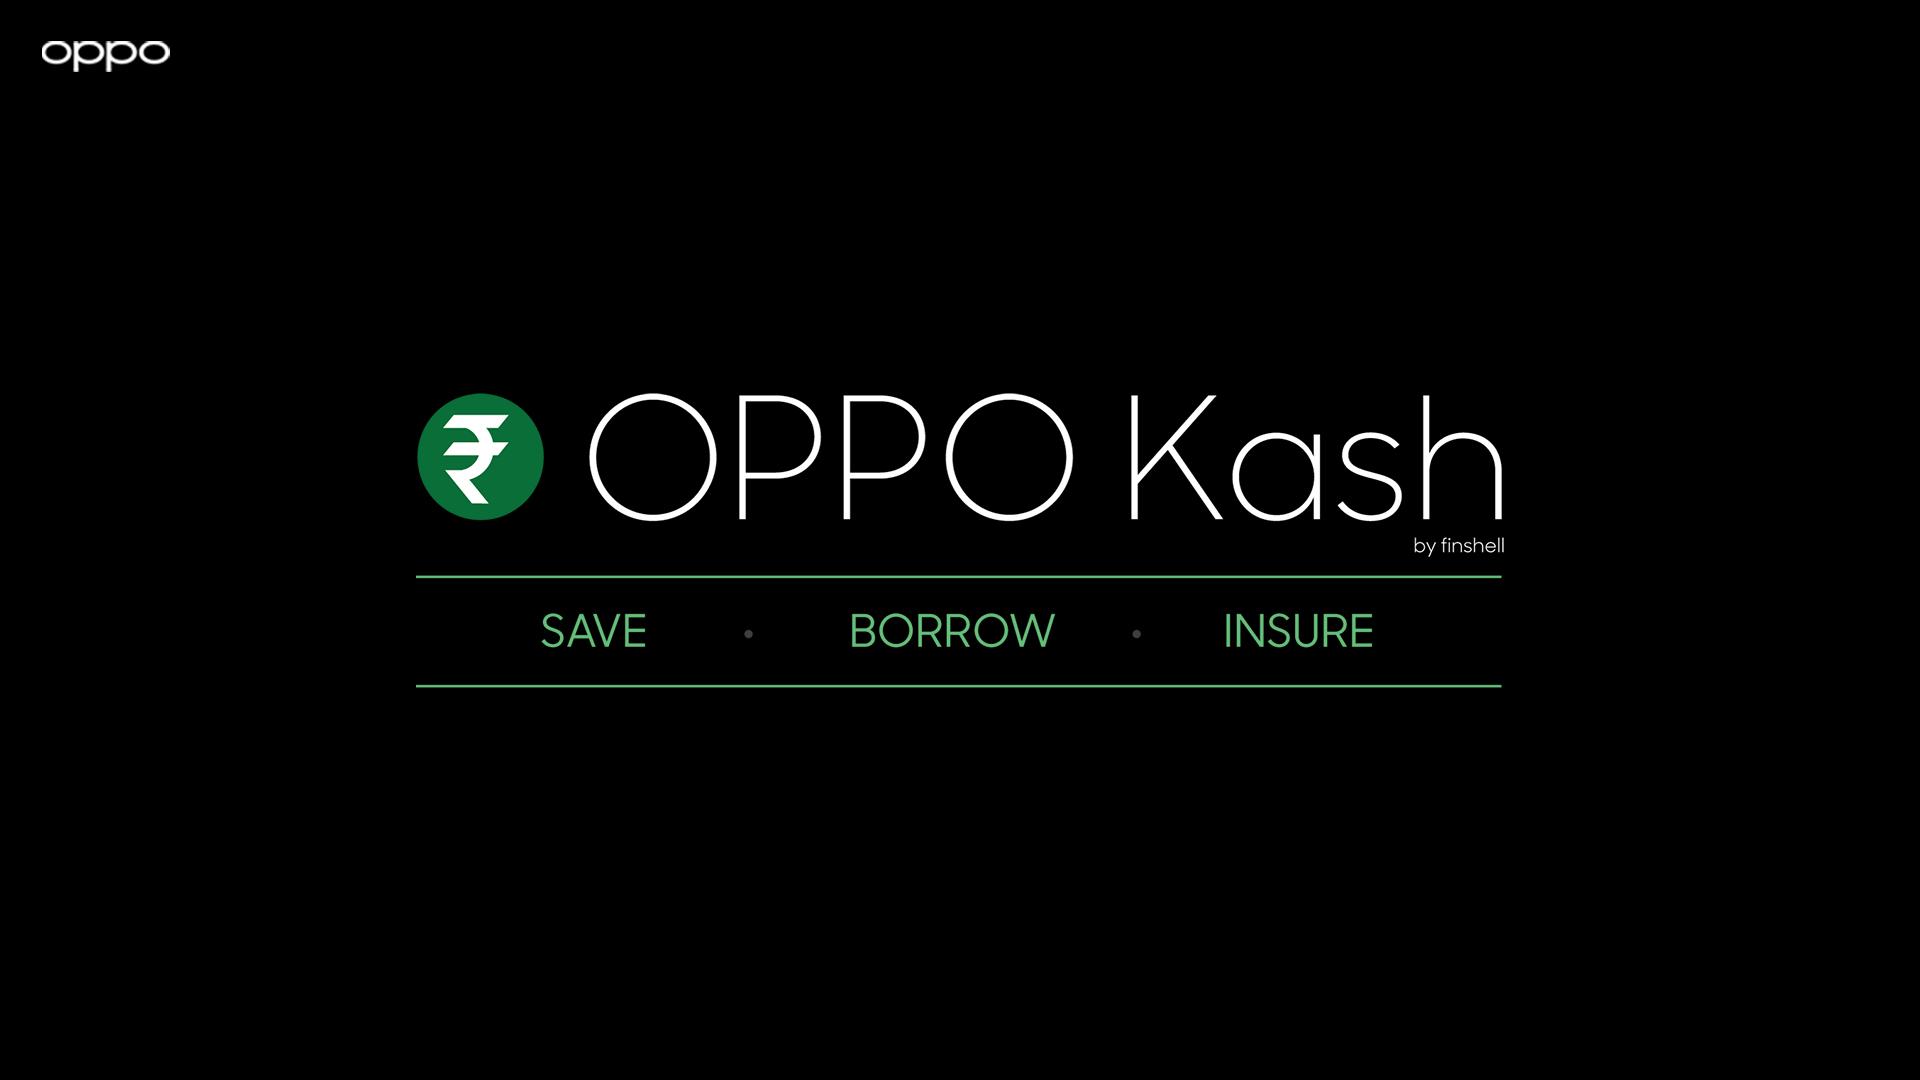 ओप्पो कासमार्फत स्मार्टफोन ब्राण्ड ओपो वित्तिय सेवामा, पर्सनल र बिजनेस लोन लिन सकिने